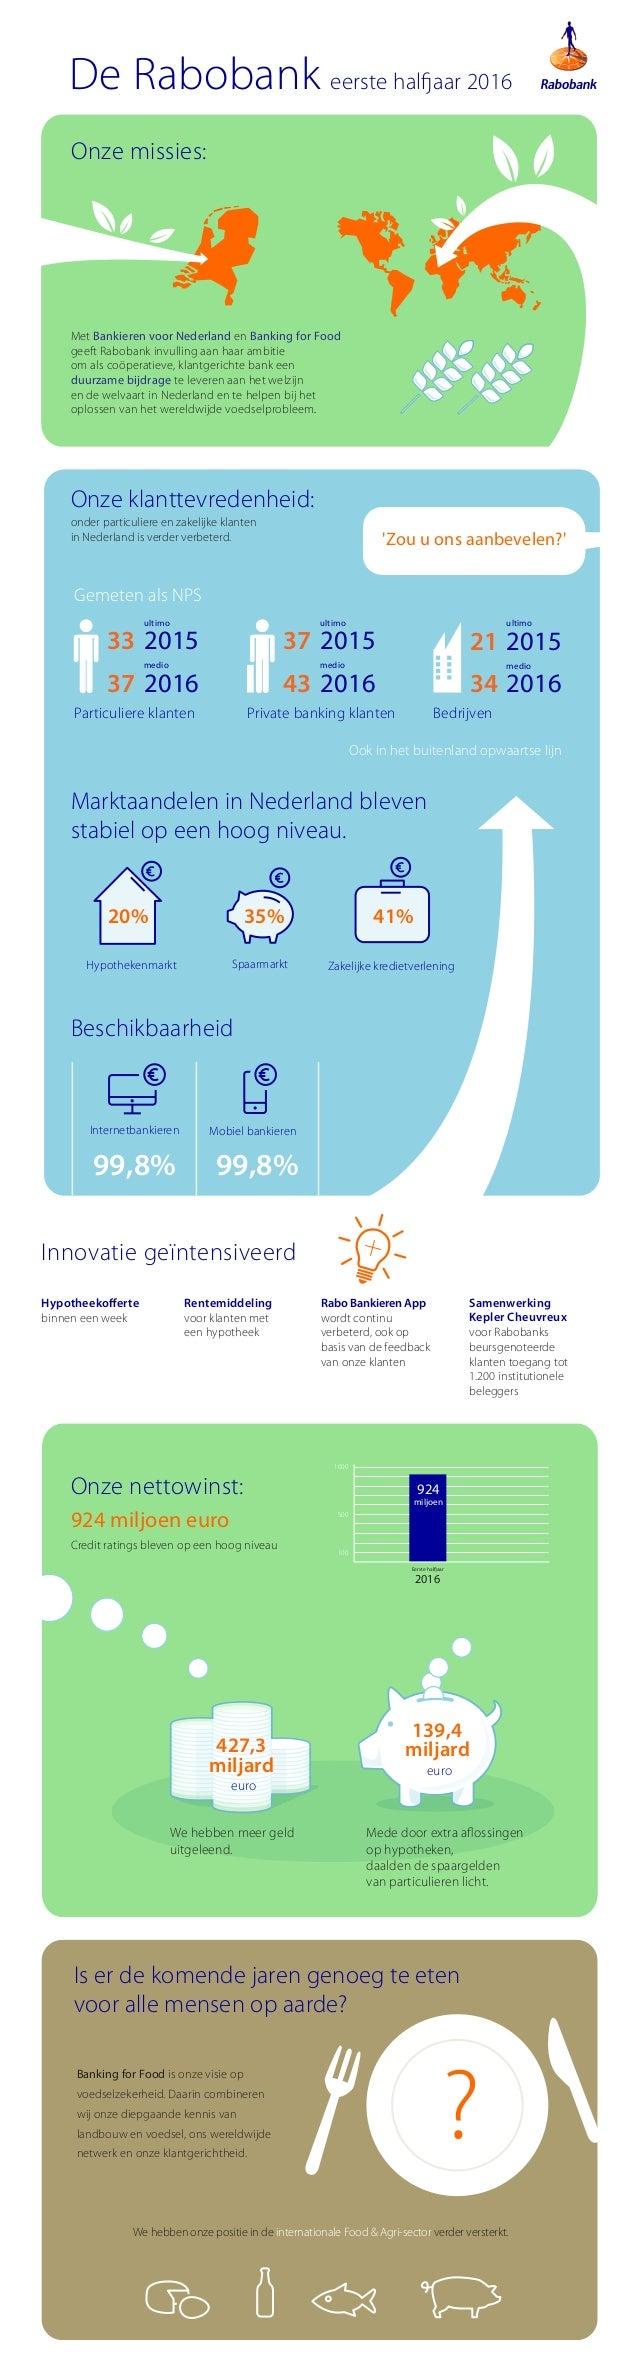 Innovatie geïntensiveerd Hypotheekofferte binnen een week Rentemiddeling voor klanten met een hypotheek Rabo Bankieren App...